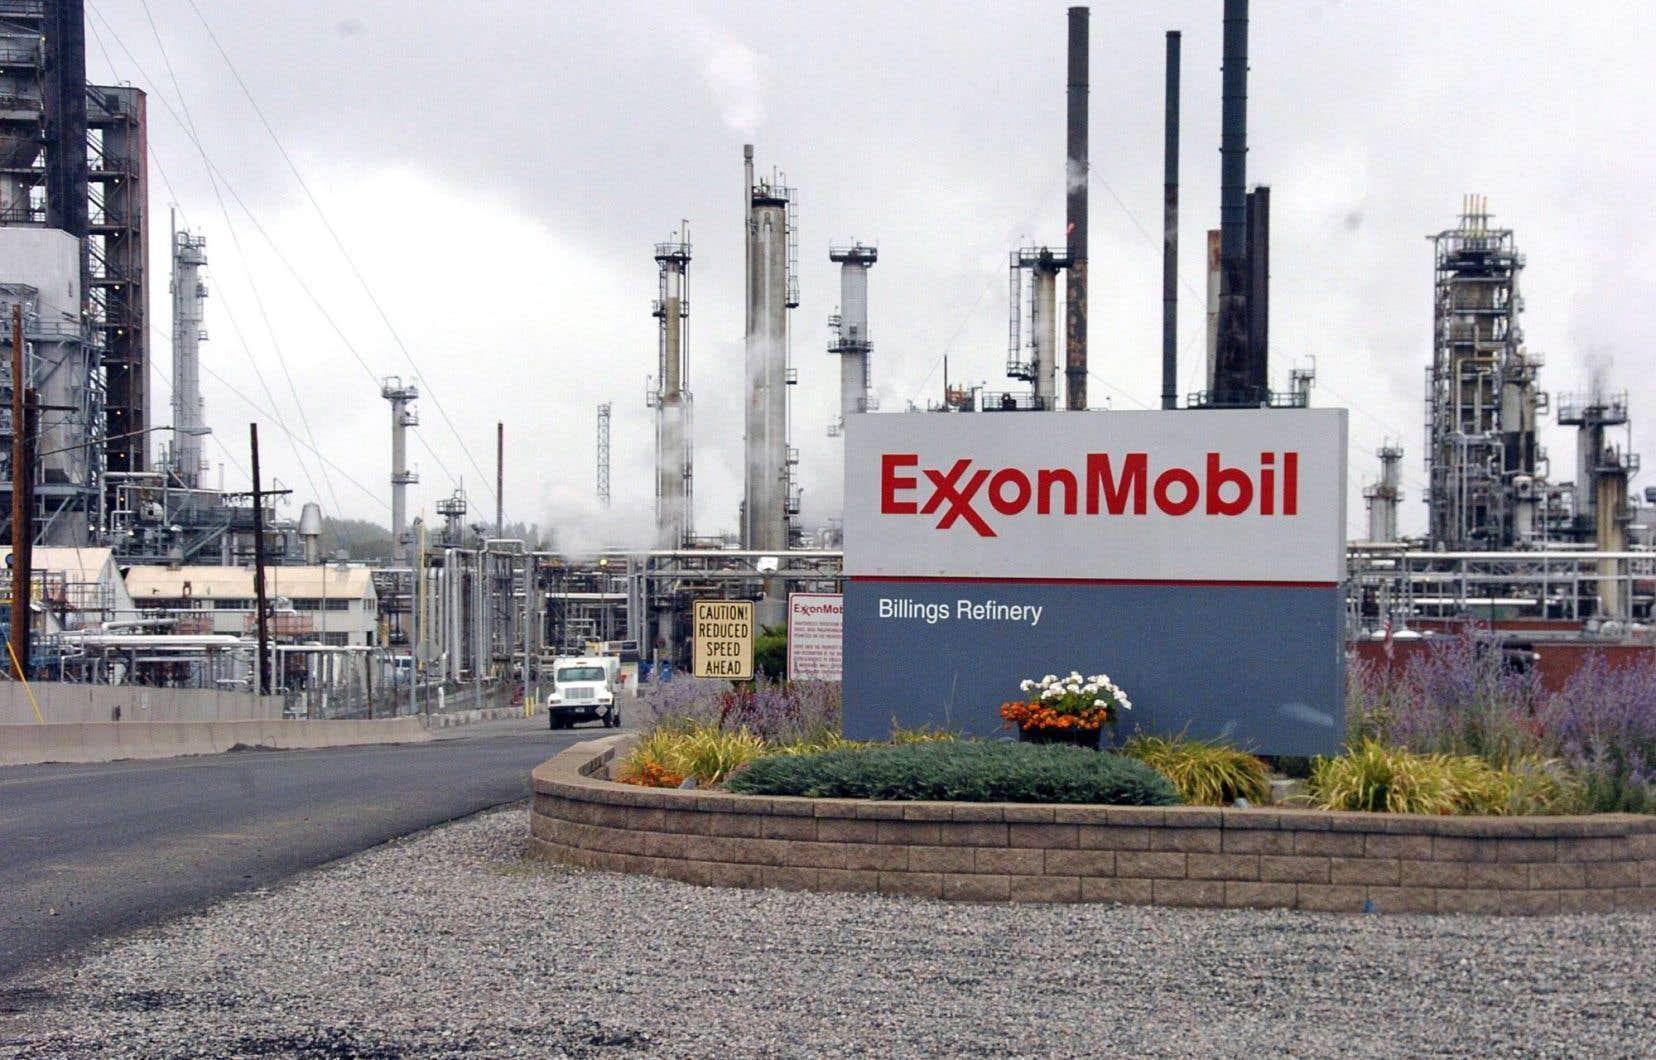 La nomination de Susan Avery survient au moment où s'accentuent des critiques et des pressions contre ExxonMobil pour son rôle dans l'évolution du climat.